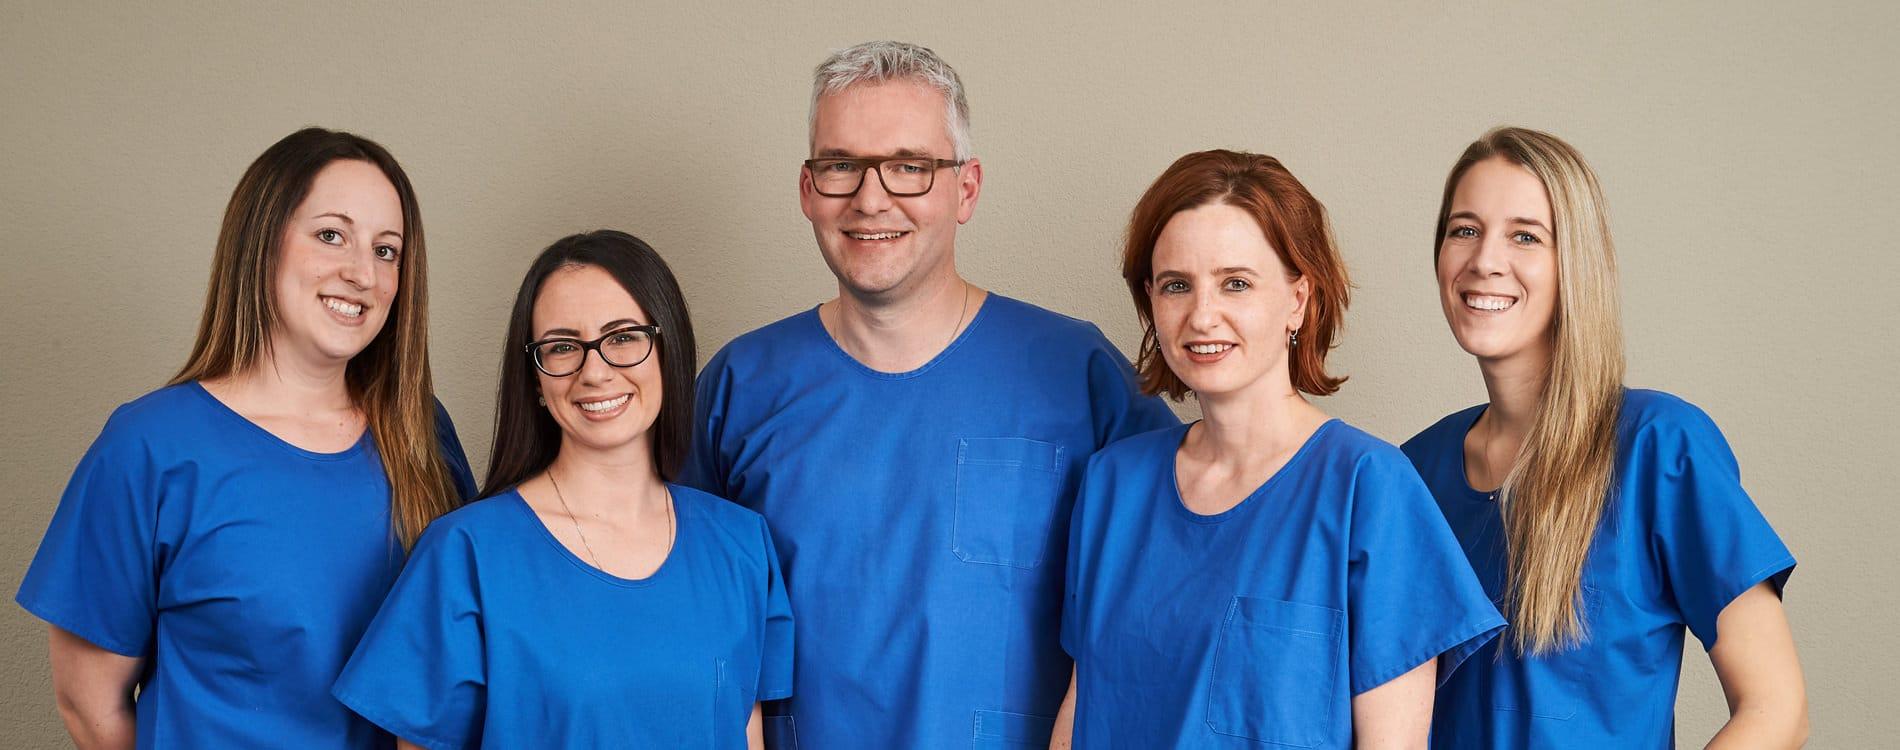 PD Dr. med. Dr. med. dent. Heinz-Theo Lübbers Team